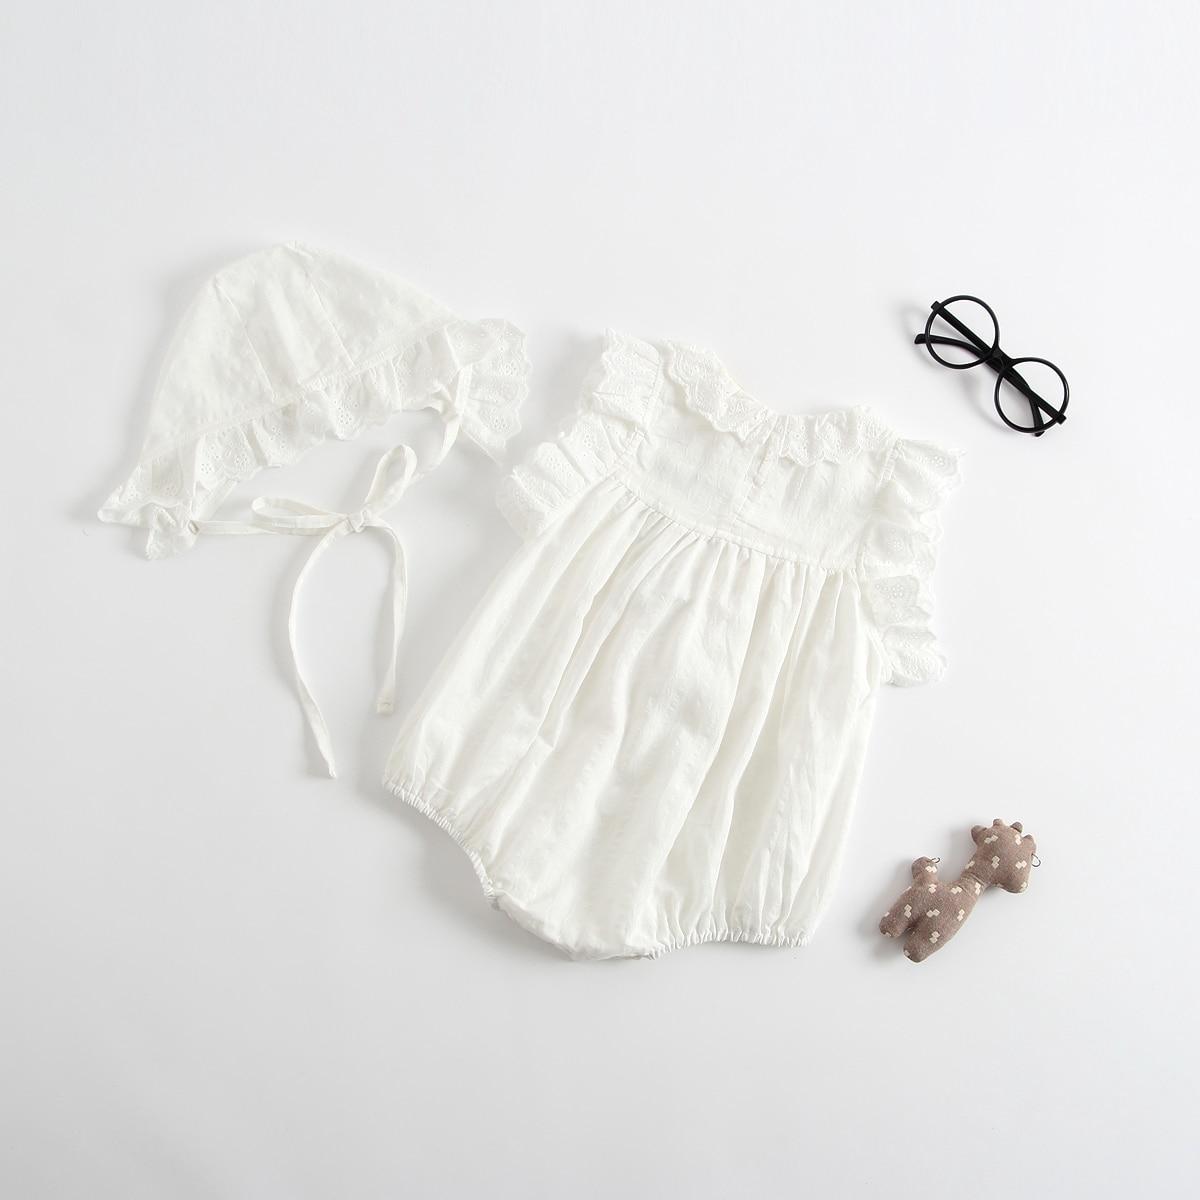 295508dd71efa Купить Летняя одежда для маленьких девочек, соединенная одежда, боди без  рукавов для маленьких девочек, 2017 детская одежда, одежда для близнецов из  .